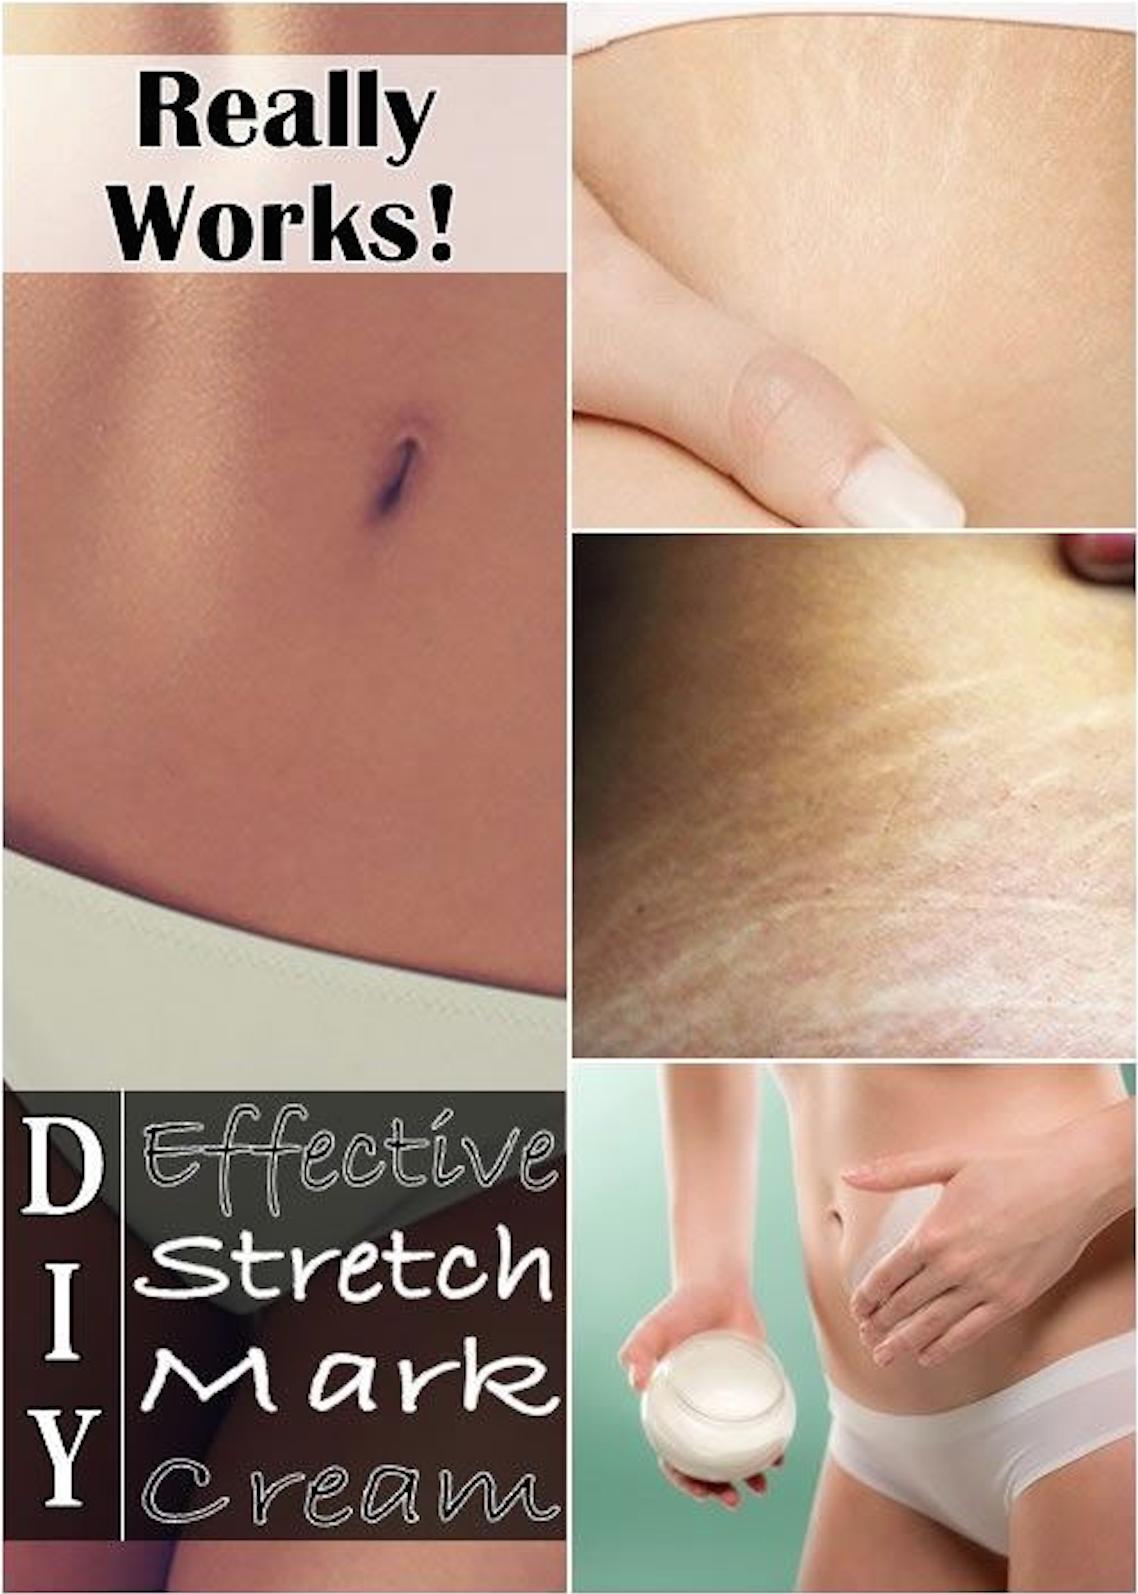 DIY effective Stretch Mark Cream  DIY  Pinterest  Stretch marks